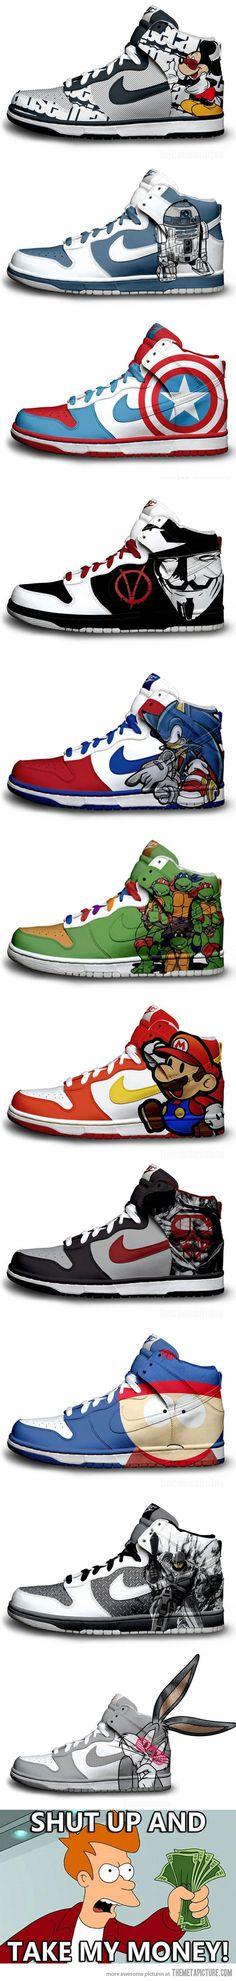 Geeky #Nike Sneakers